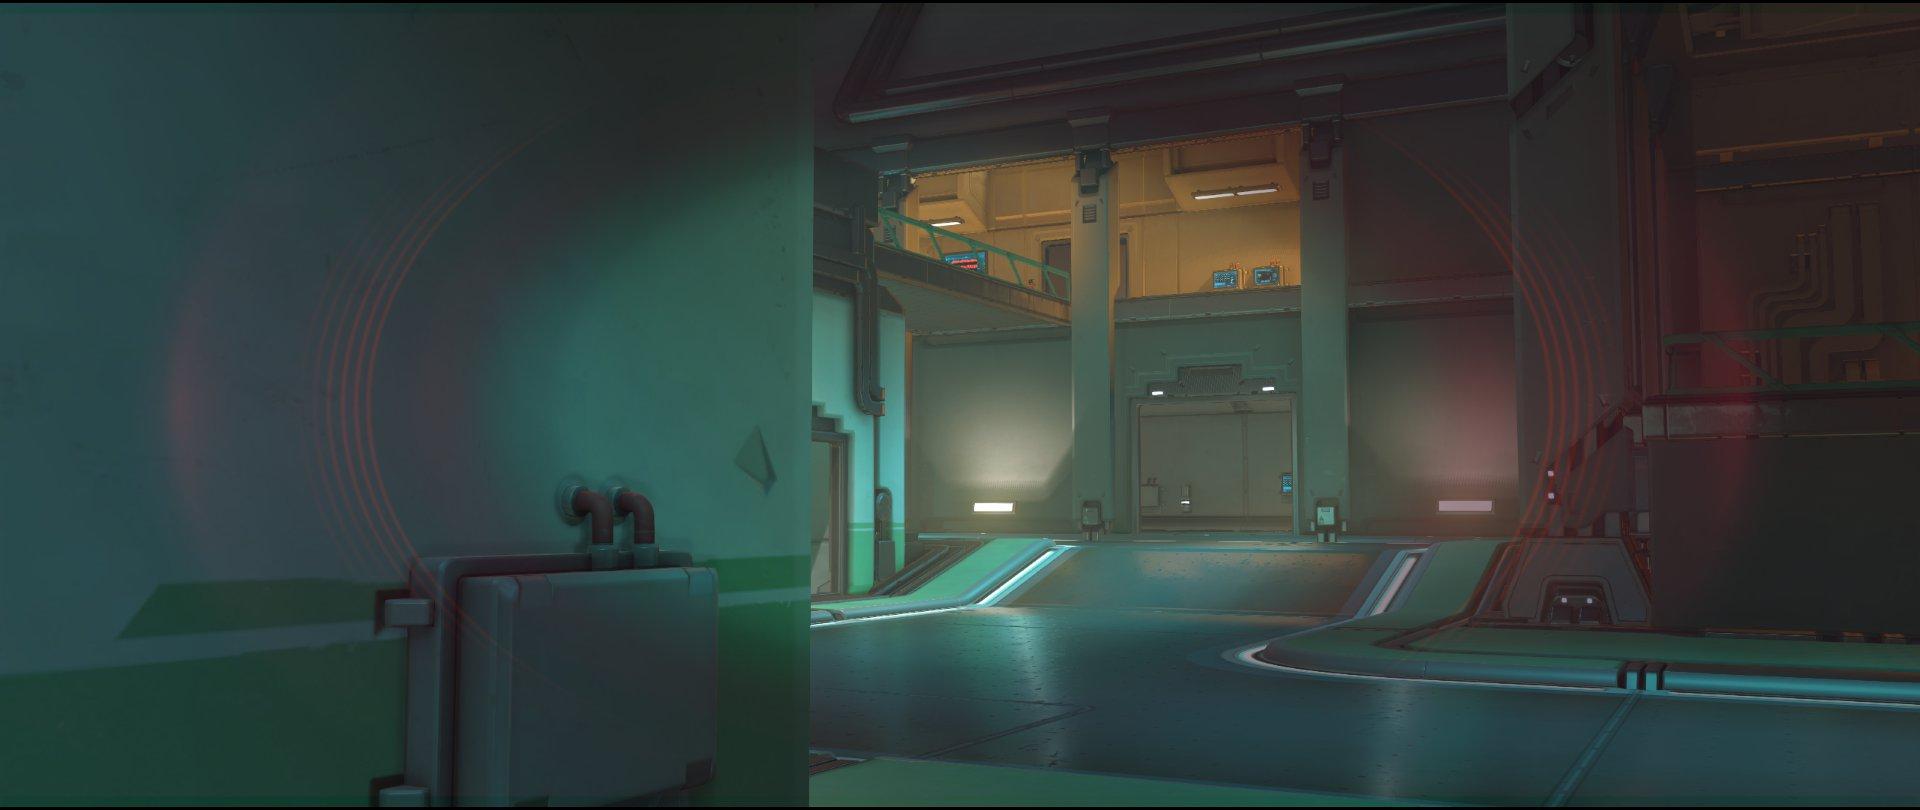 Warehouse view attack sniping spot Widowmaker Dorado.jpg